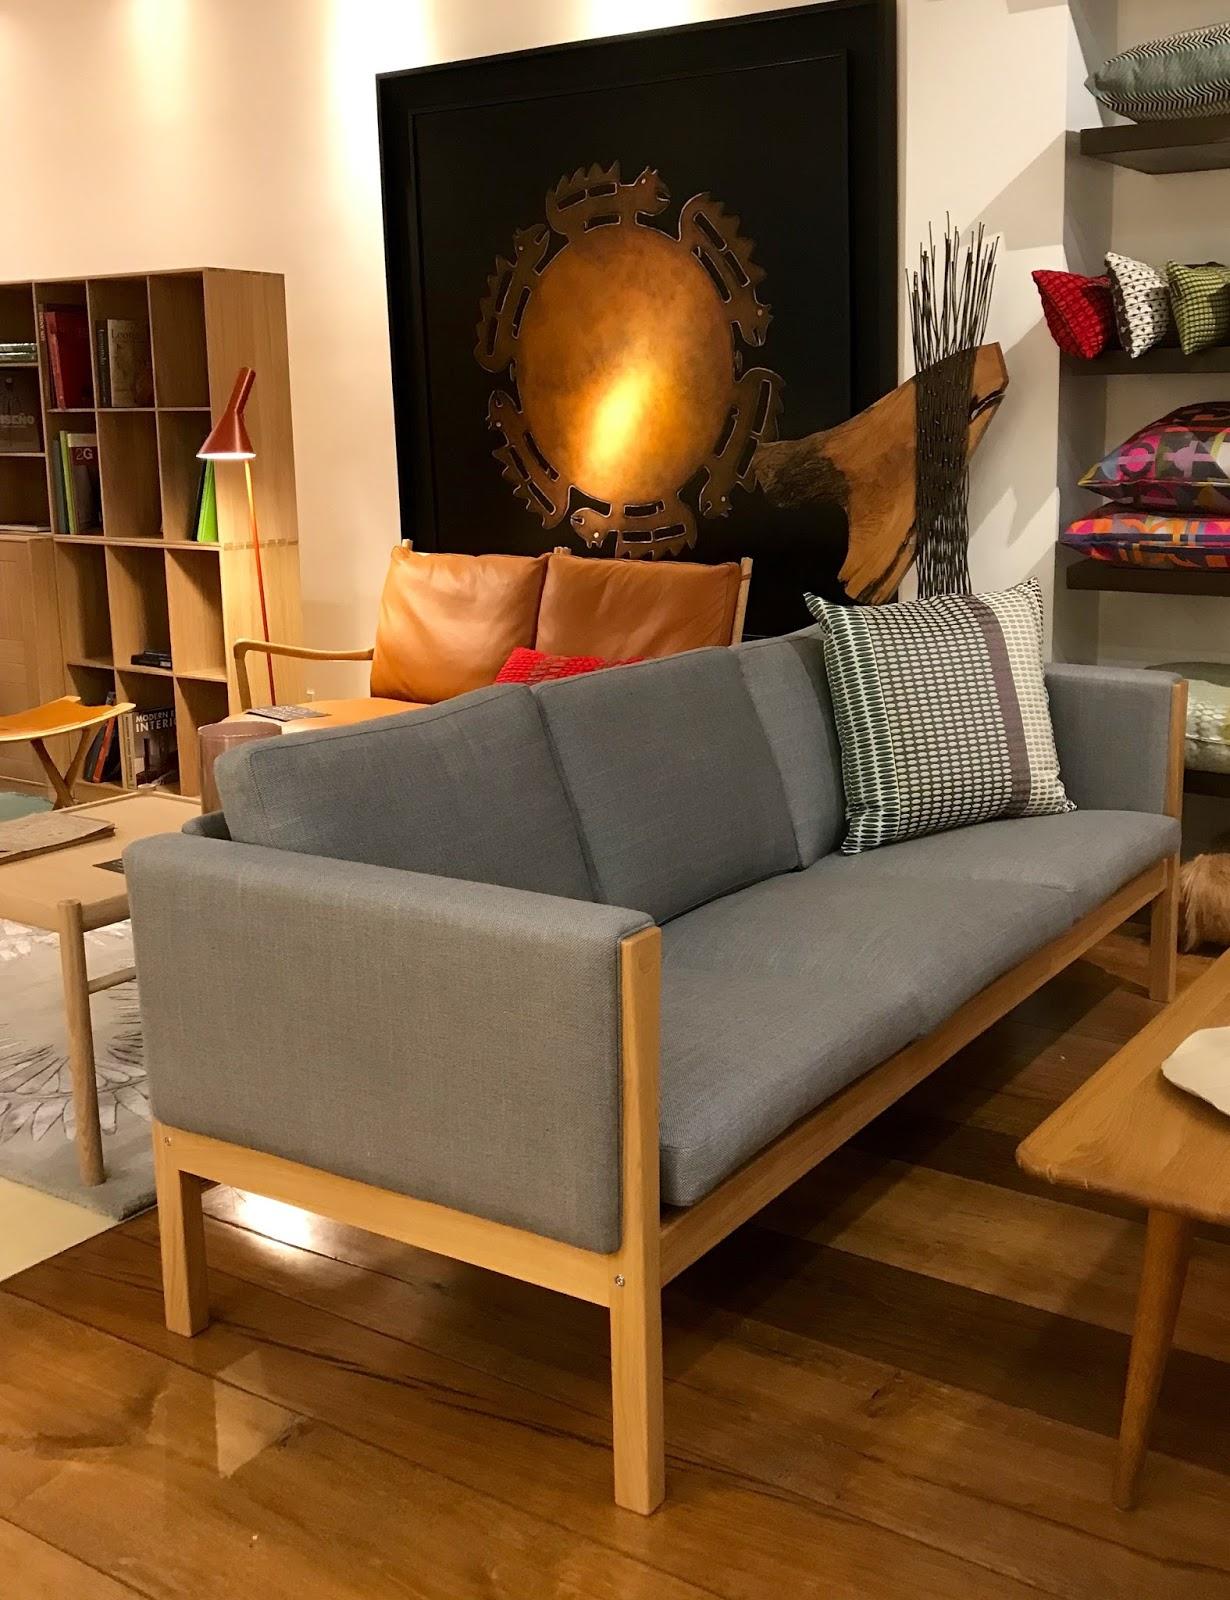 hans wegner sofa ch163 bed made in malaysia carl hansen en exposicion chic soul tela kvadrat